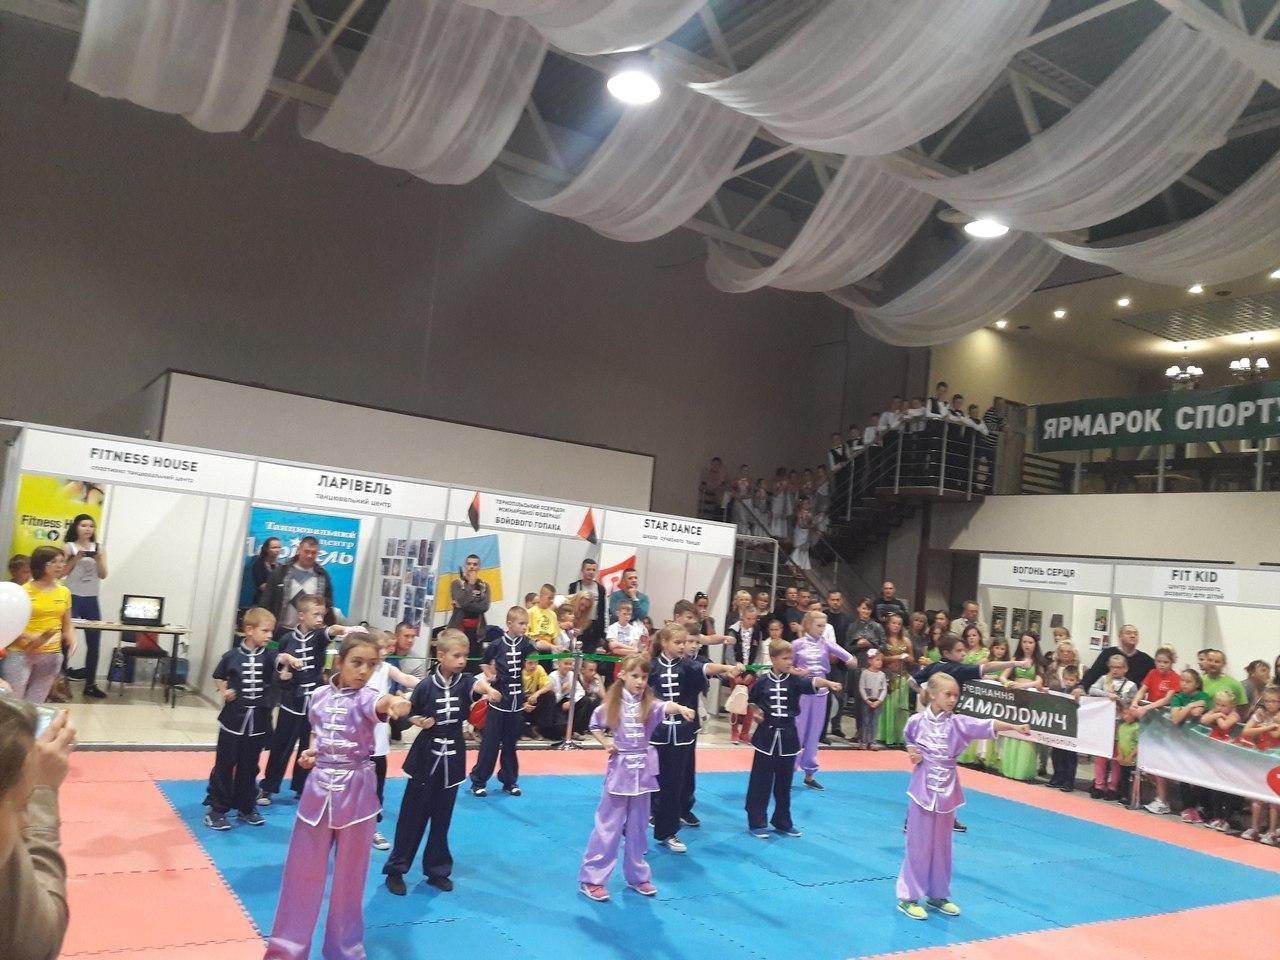 ТОП найкращих: фітнес-центри і тренажерні зали Тернополя, фото-51